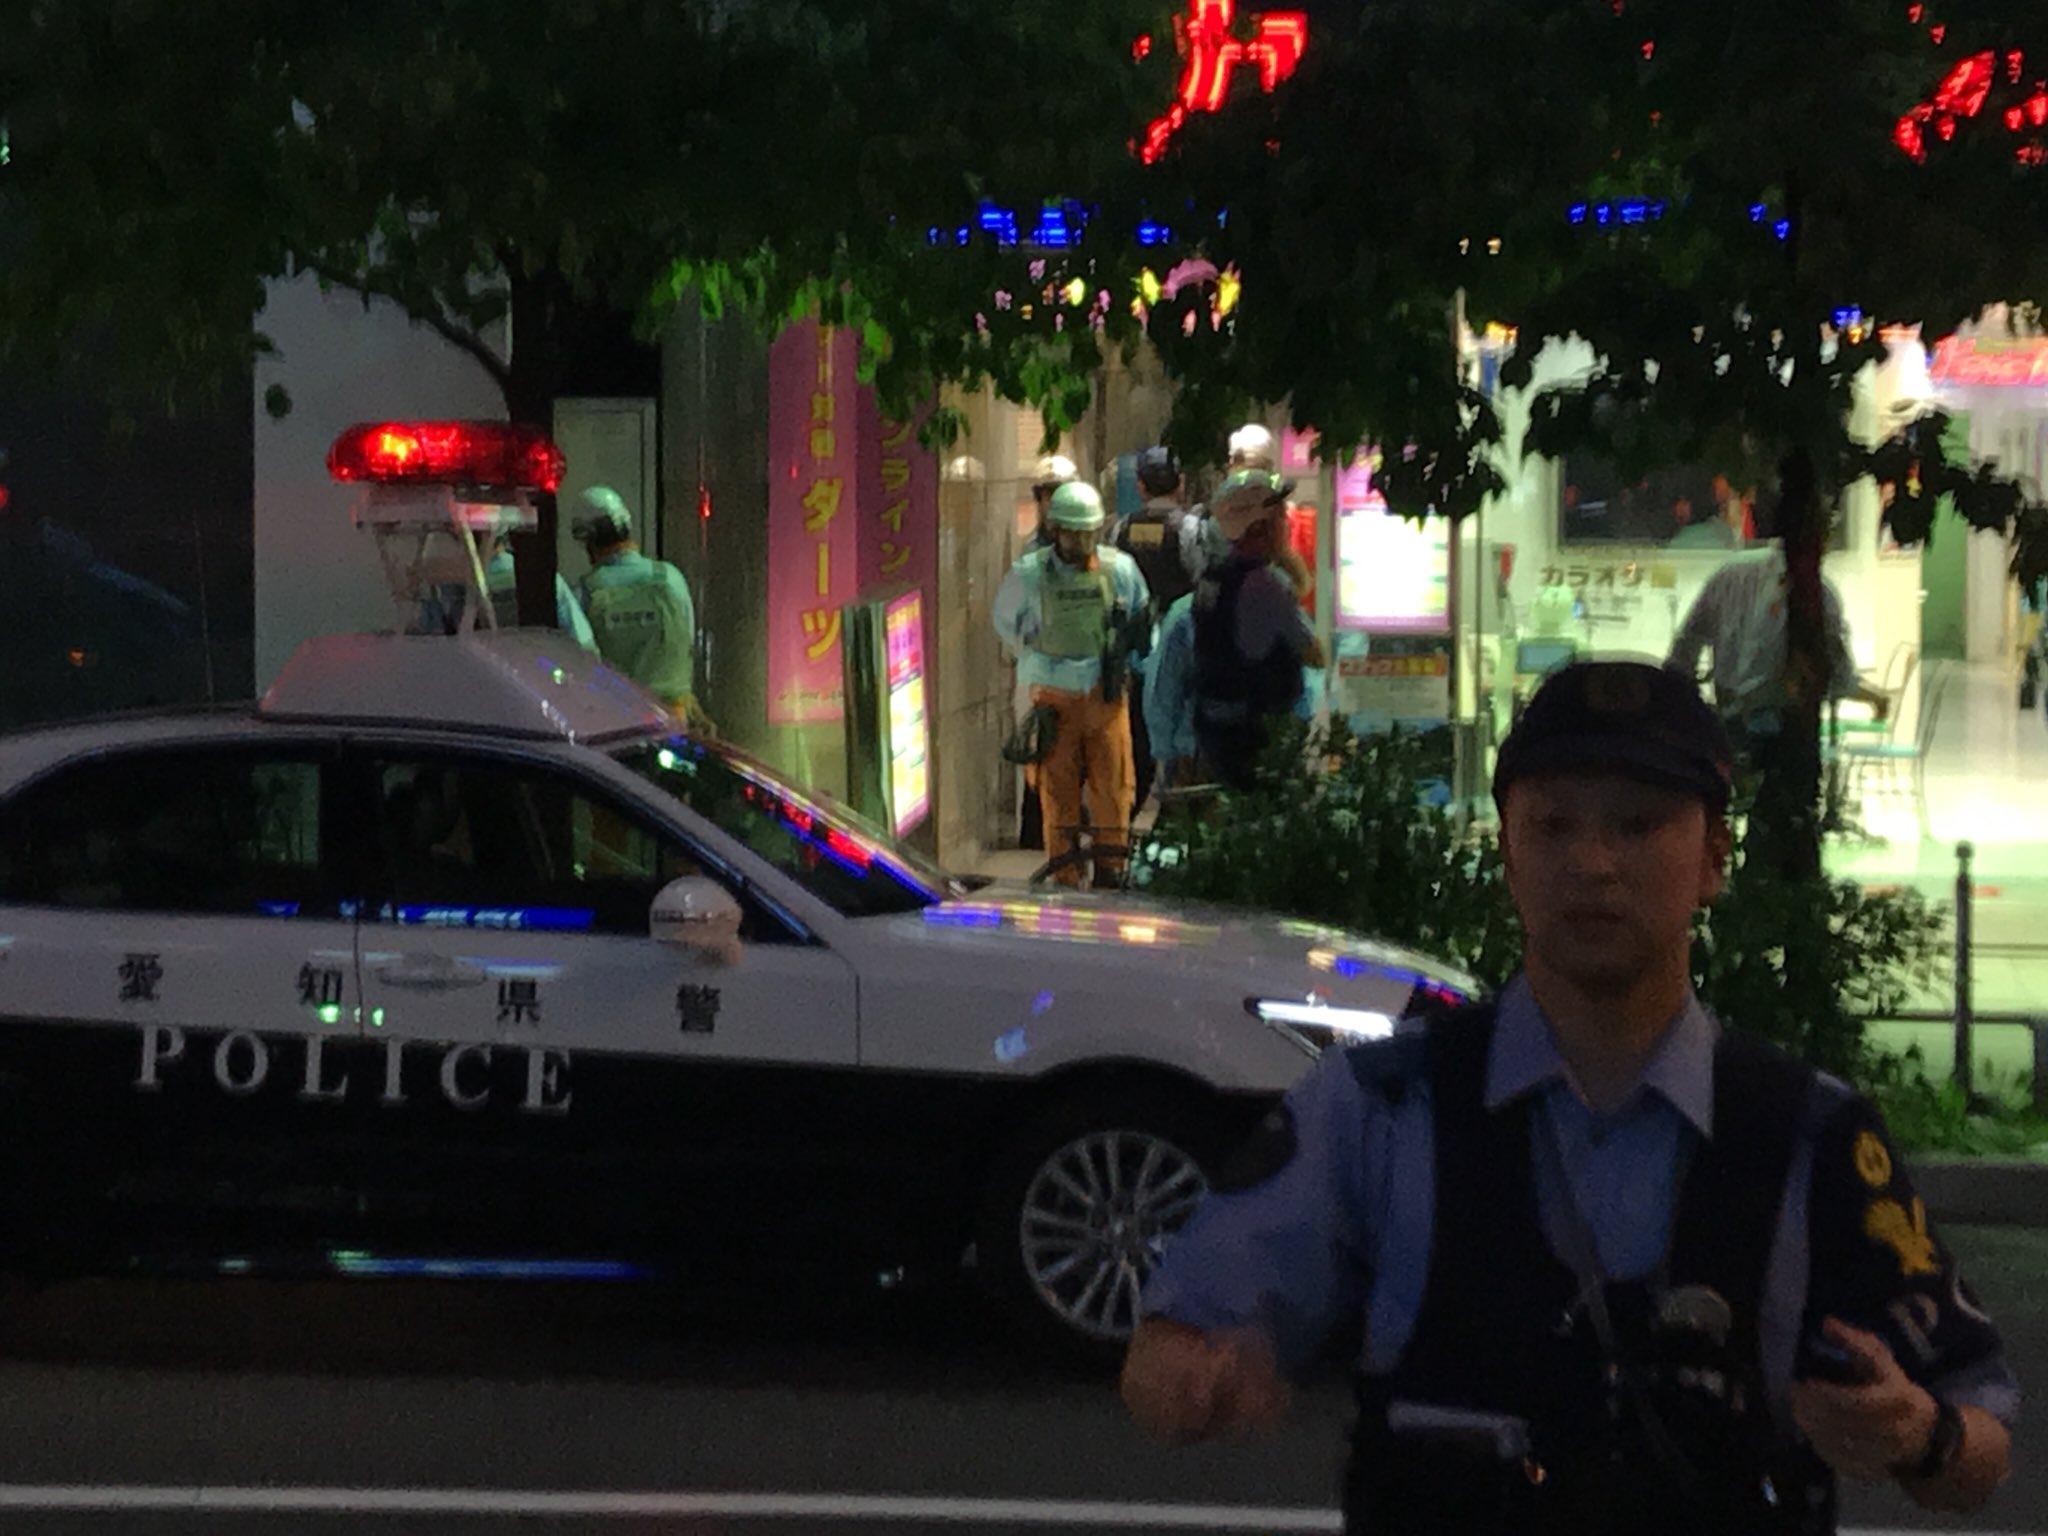 画像,名古屋、栄のカラオケ館で立てこもり殺人未遂事件。 https://t.co/RaPzj91kGy。